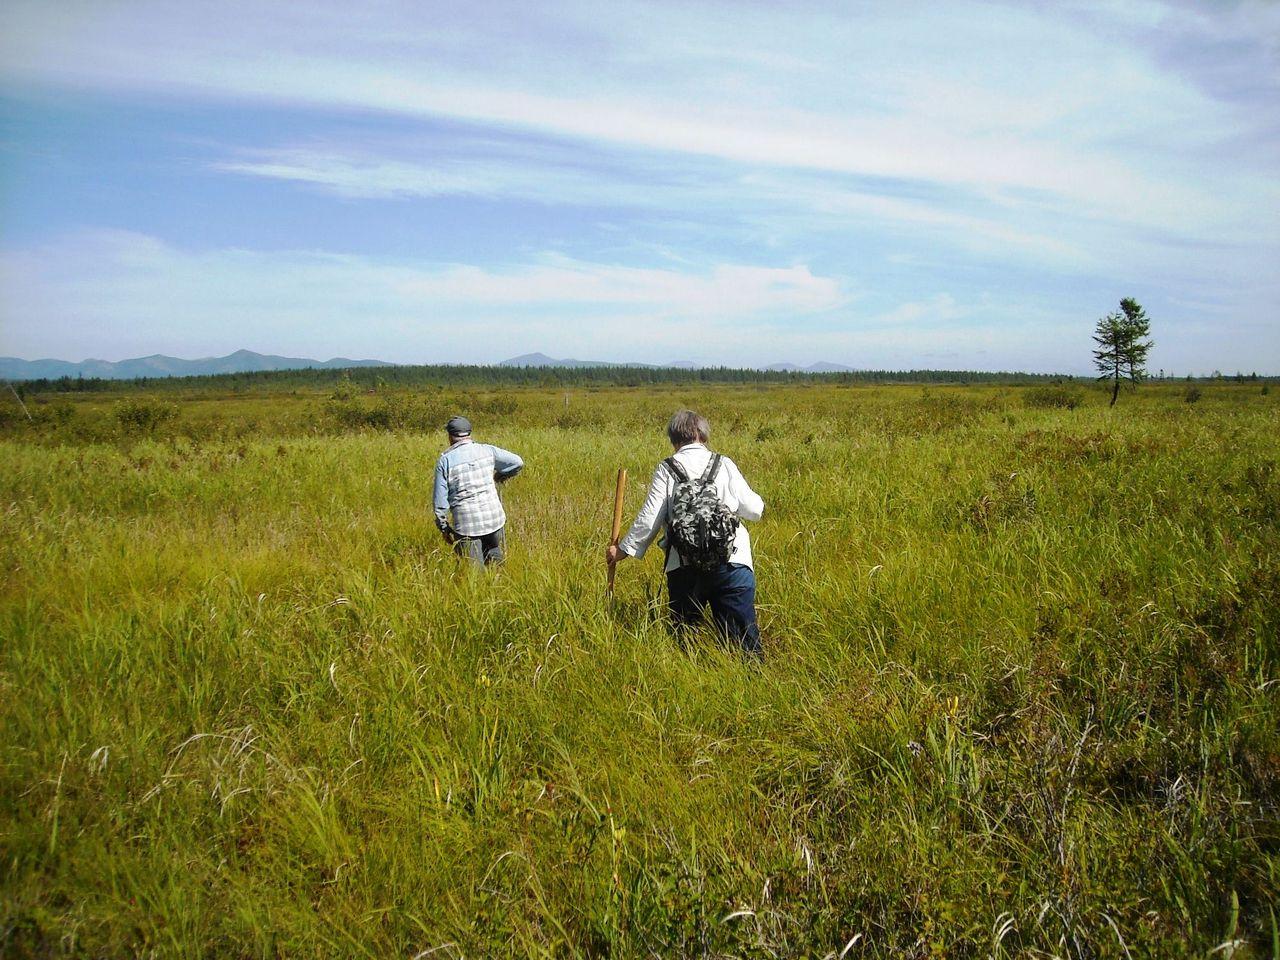 По торфяному болоту. Фото В. Глотова.